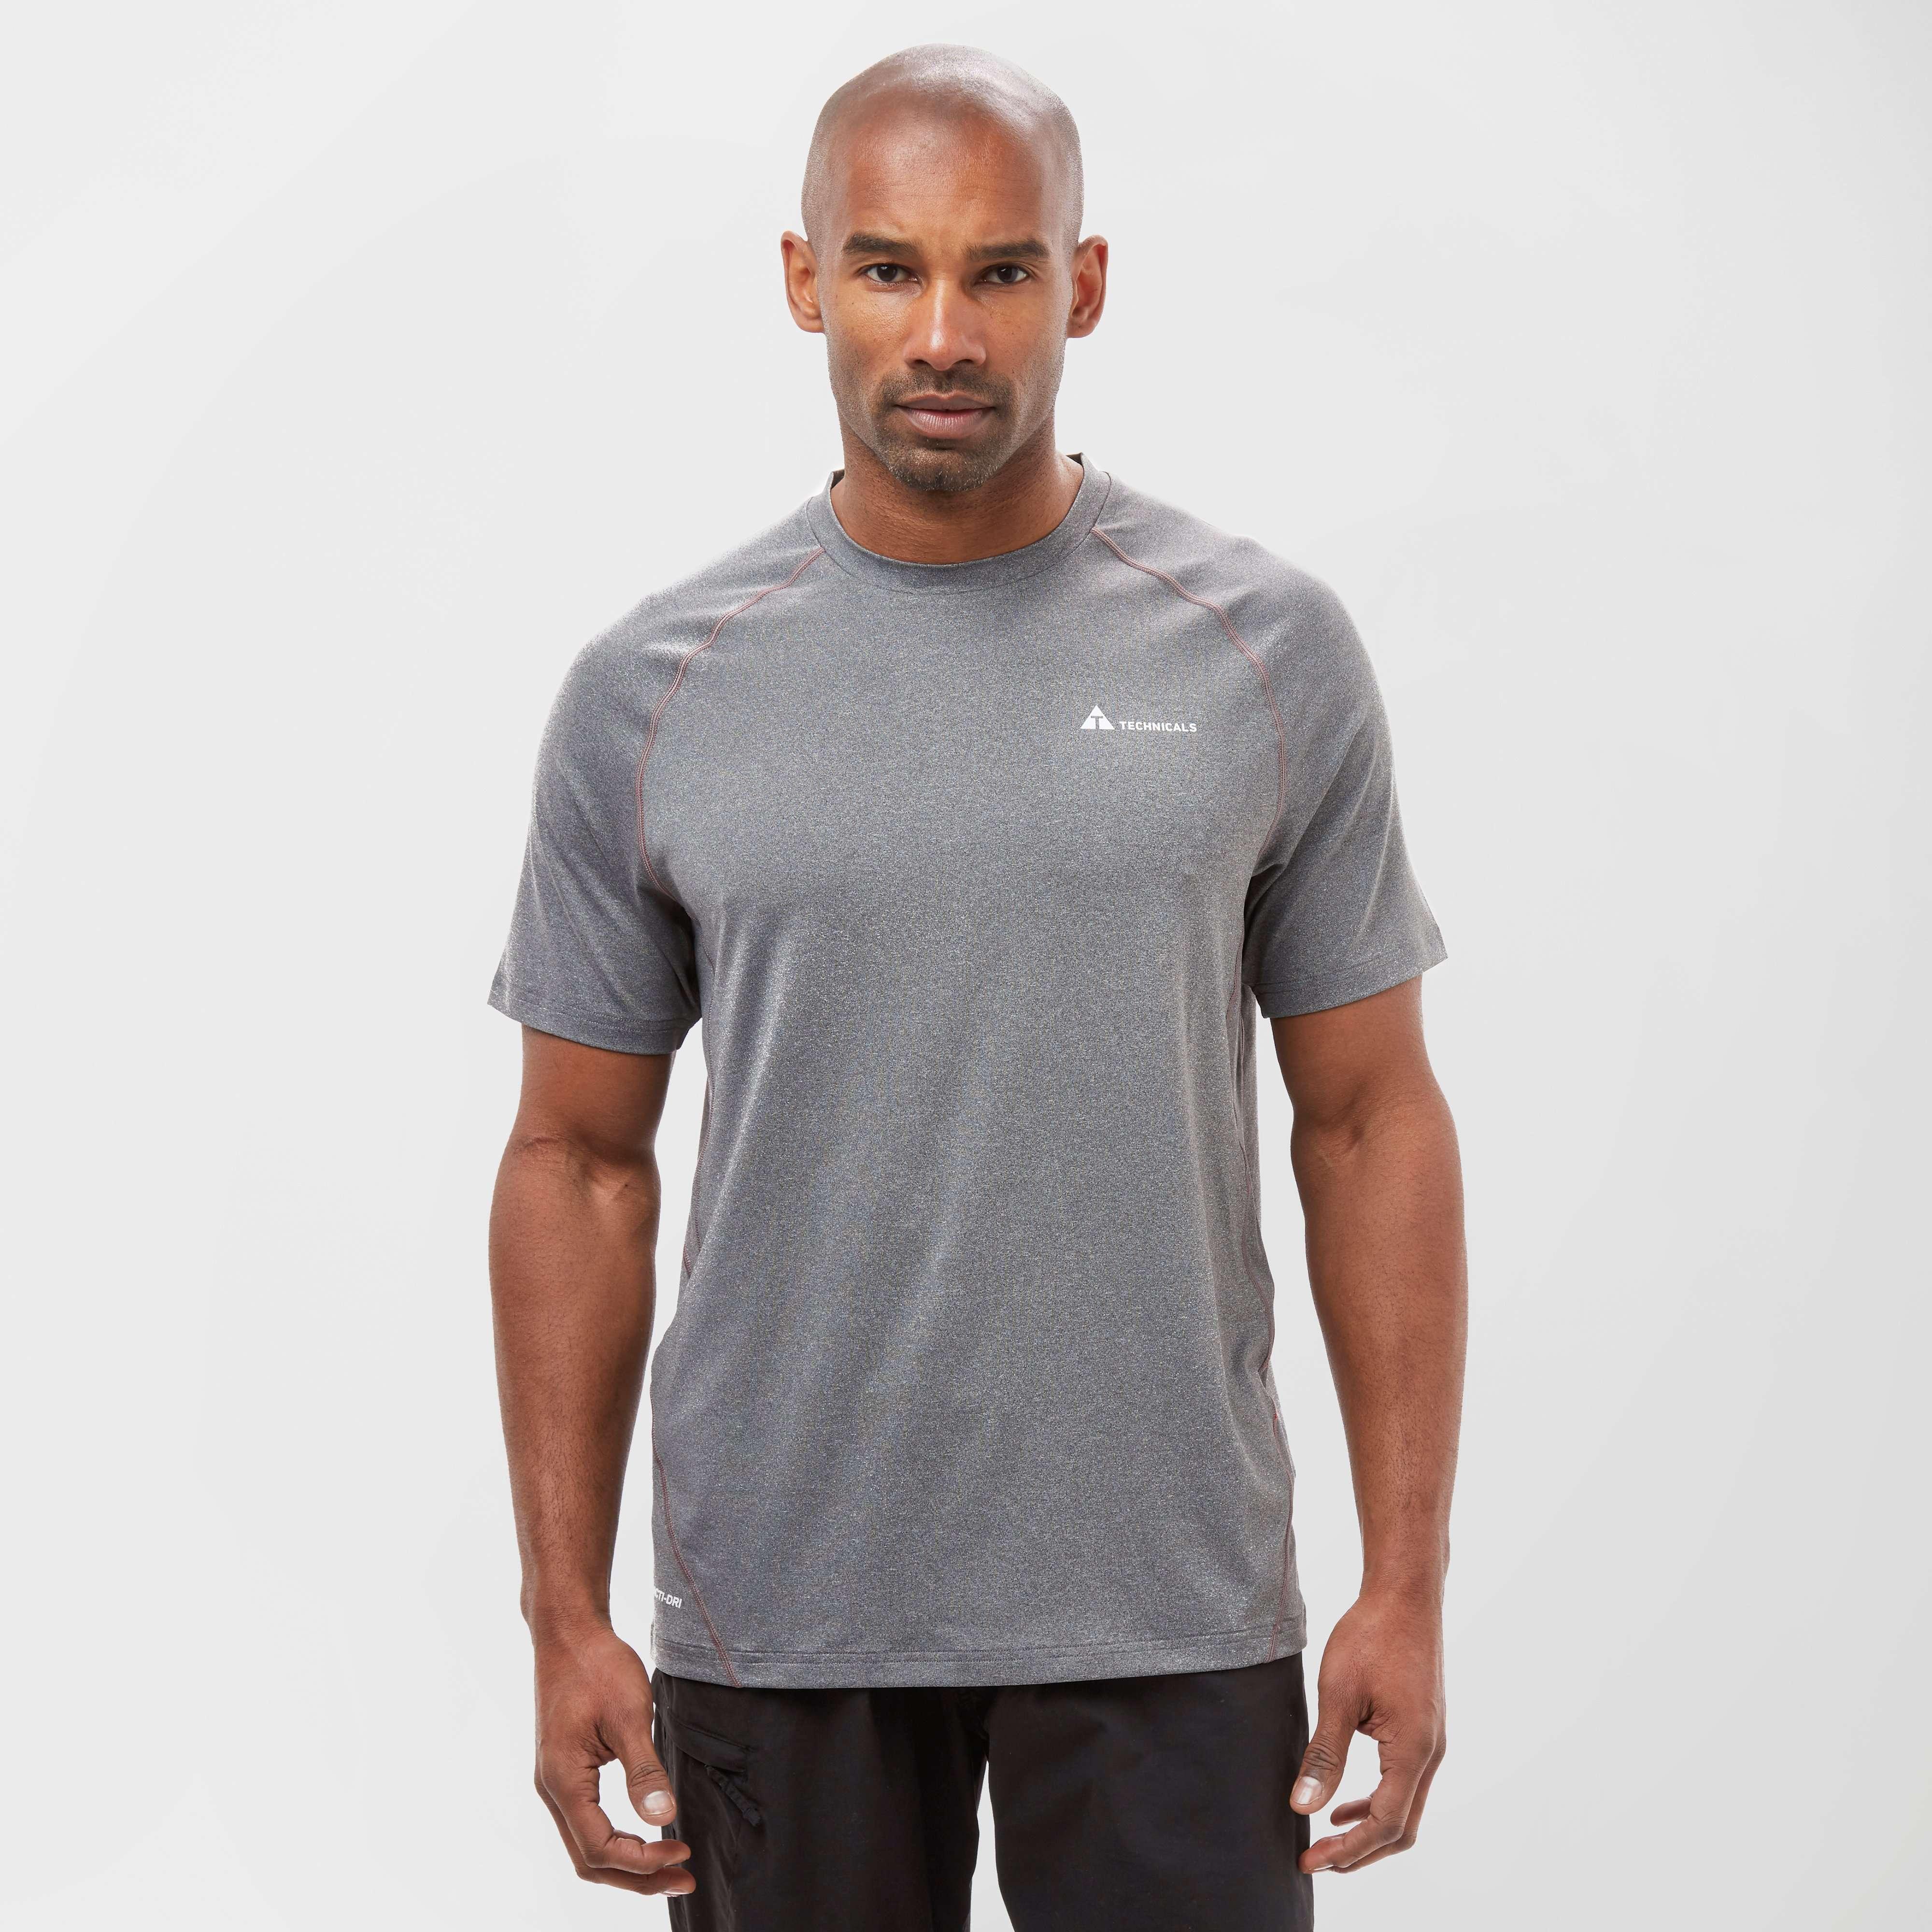 TECHNICALS Men's Response Tech T-Shirt